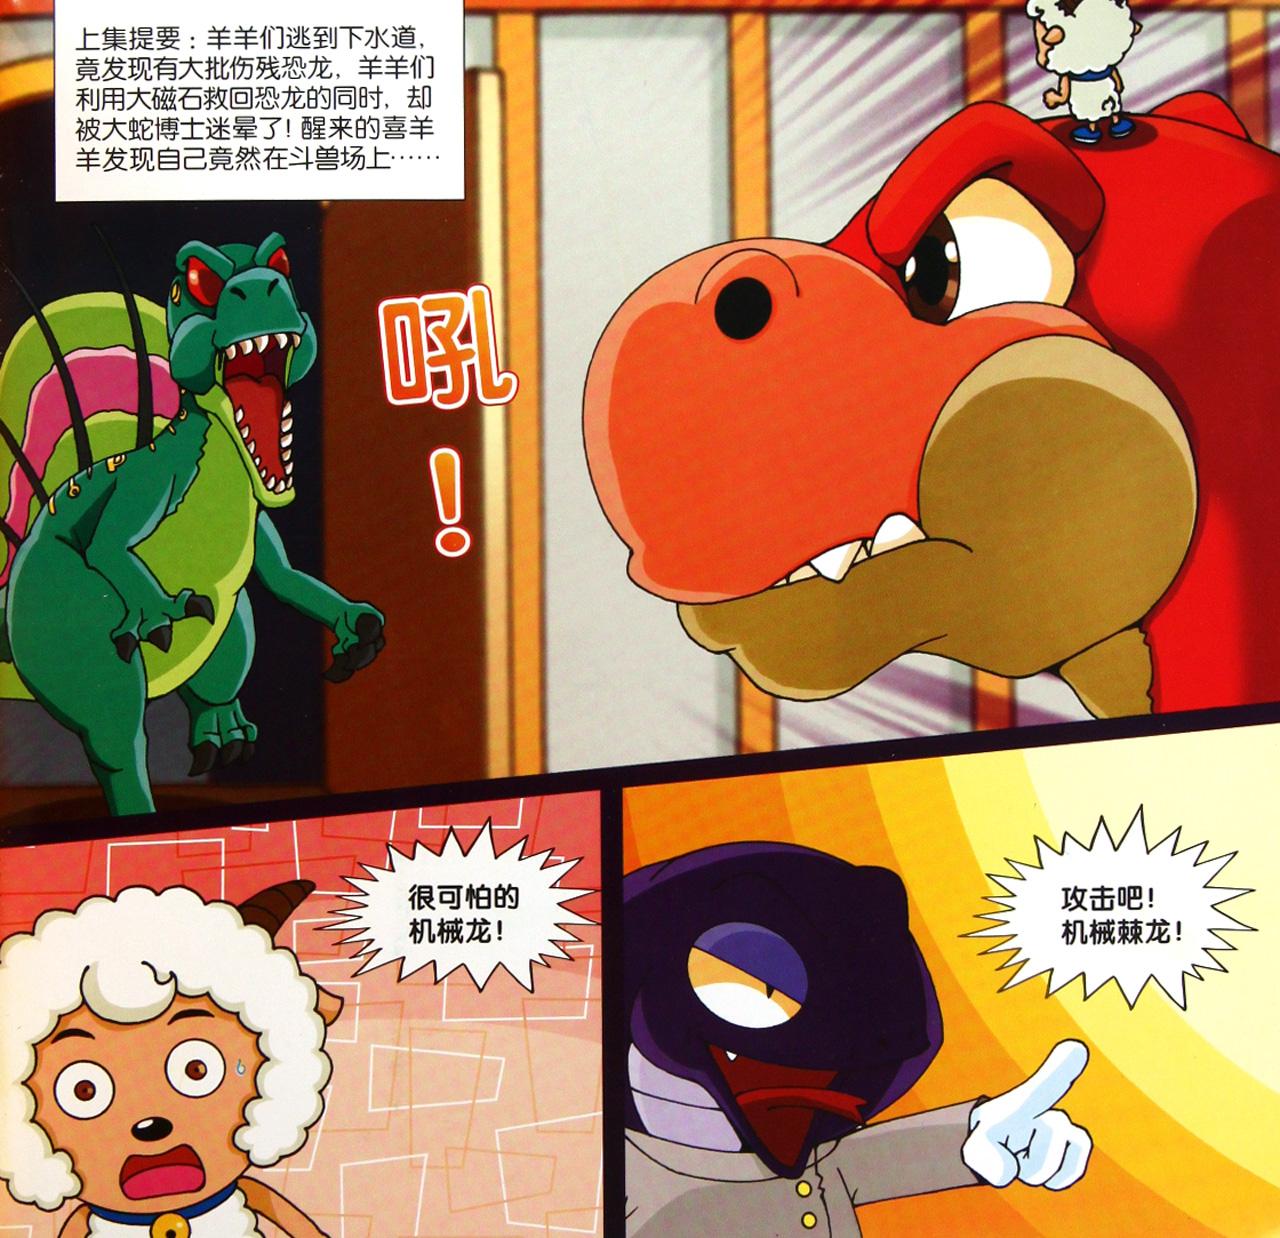 喜羊羊勇闯恐龙岛(1霸王龙大决战)/喜羊羊与灰太狼绘本童书外传